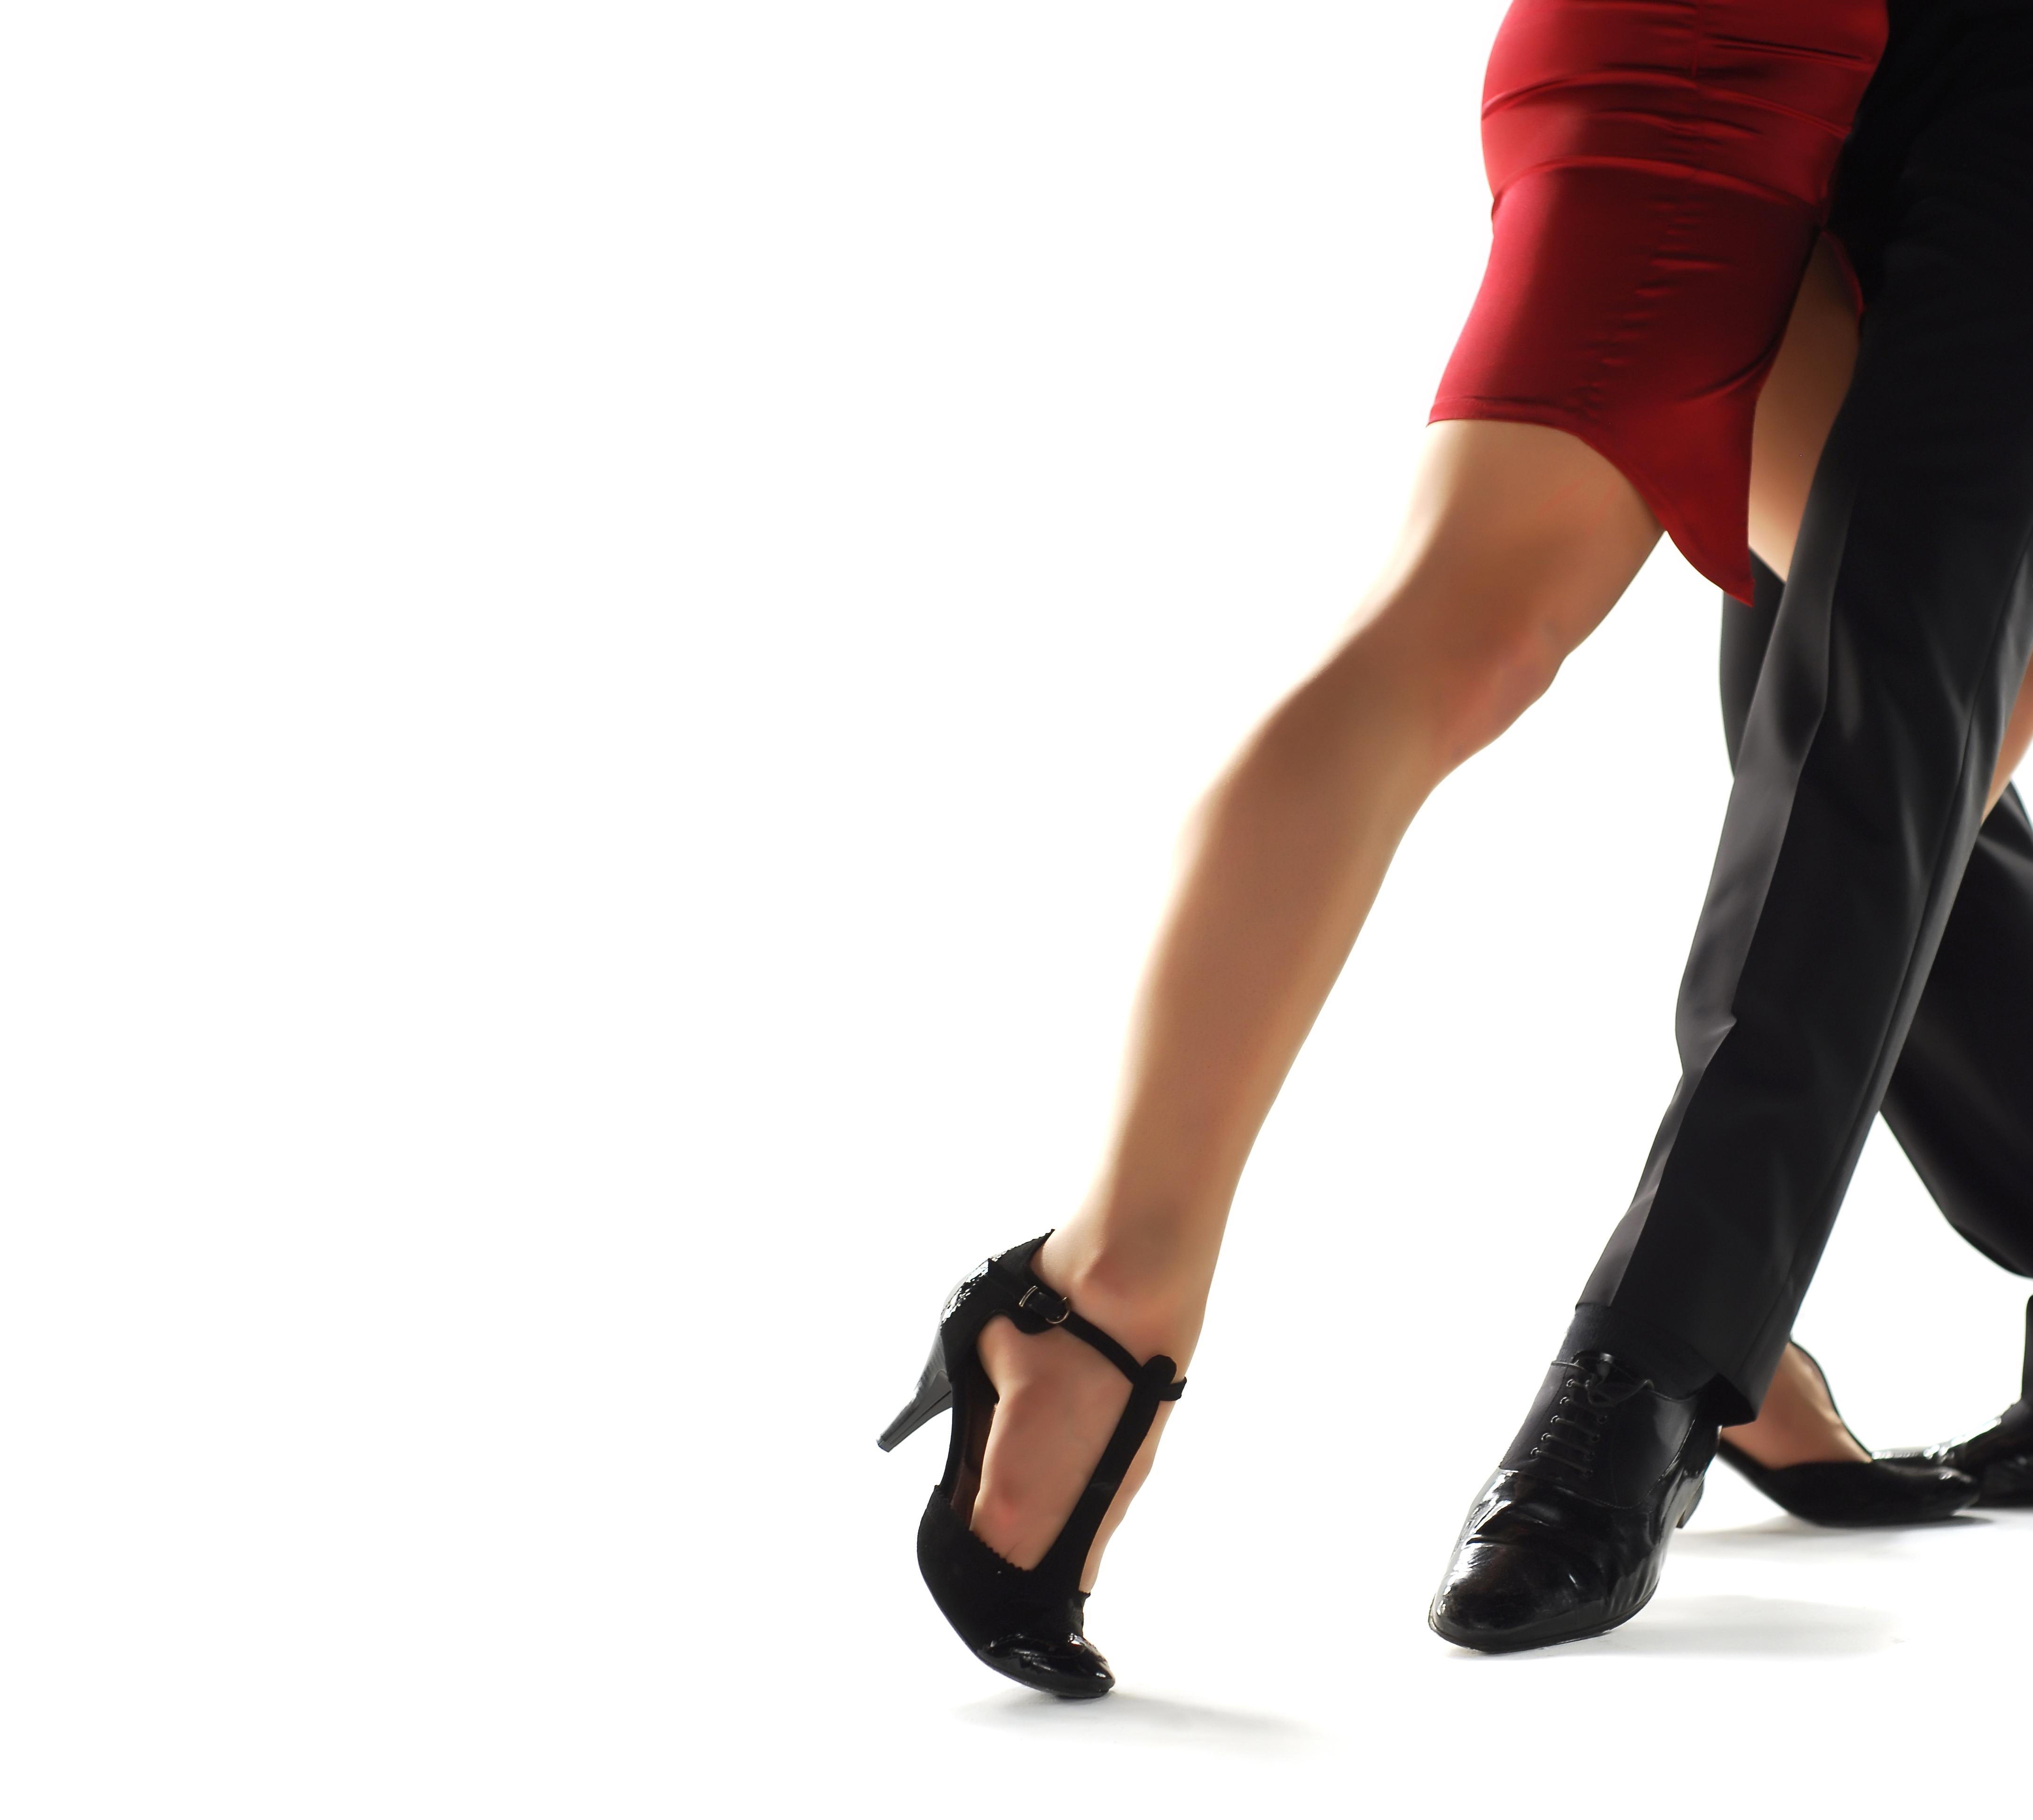 HITRI plesni tečaj družabnih plesov!